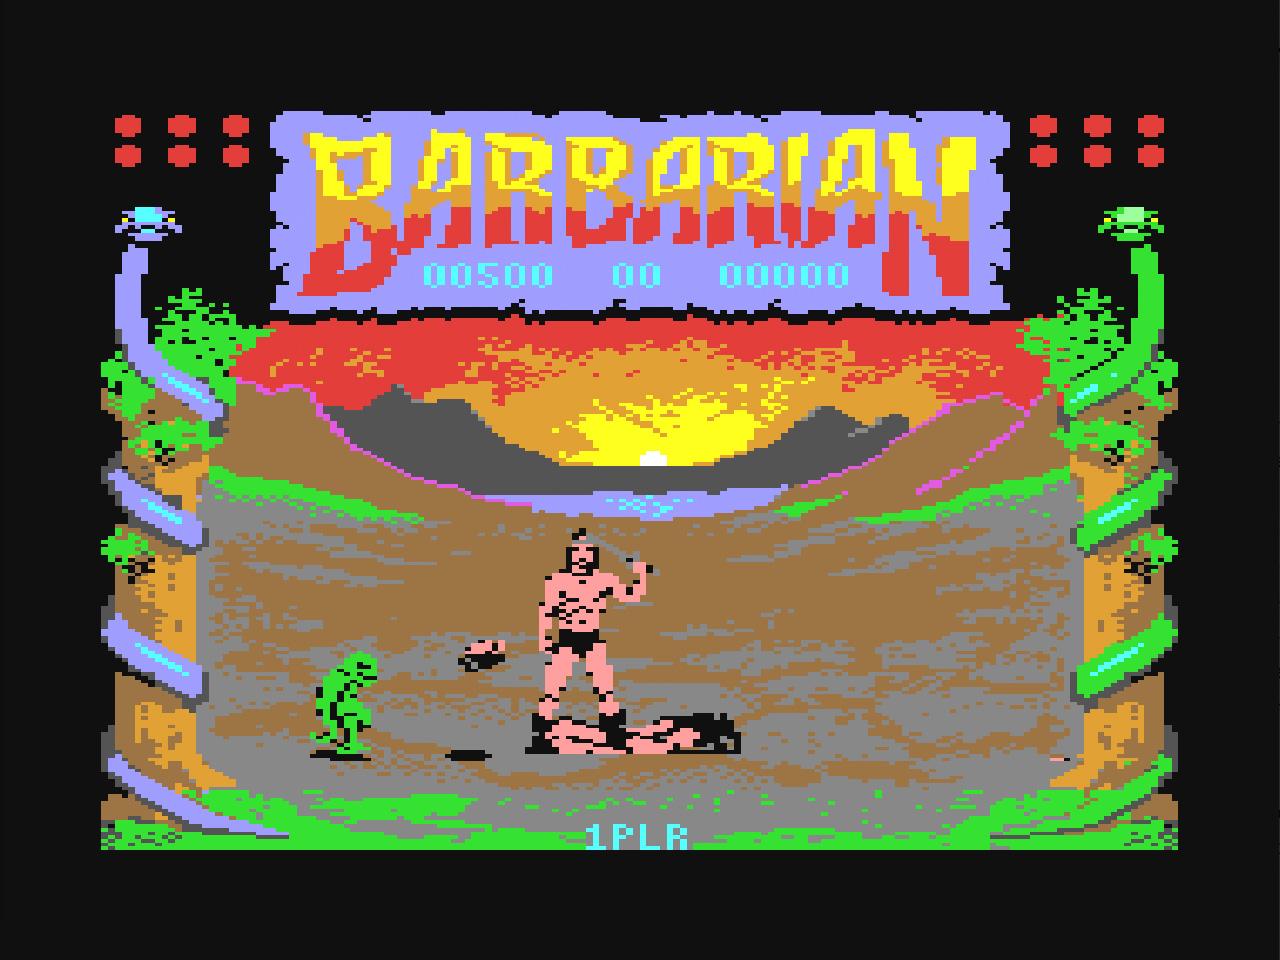 Nicht alle Spiele waren für Kinder geeignet. Manche wurden wegen ihrer Gewaltdarstellung, manche aufgrund der Thematik von meinen besorgten Eltern beschlagnahmt. (Screenshot: Barbarian – The ultimate Warrior)